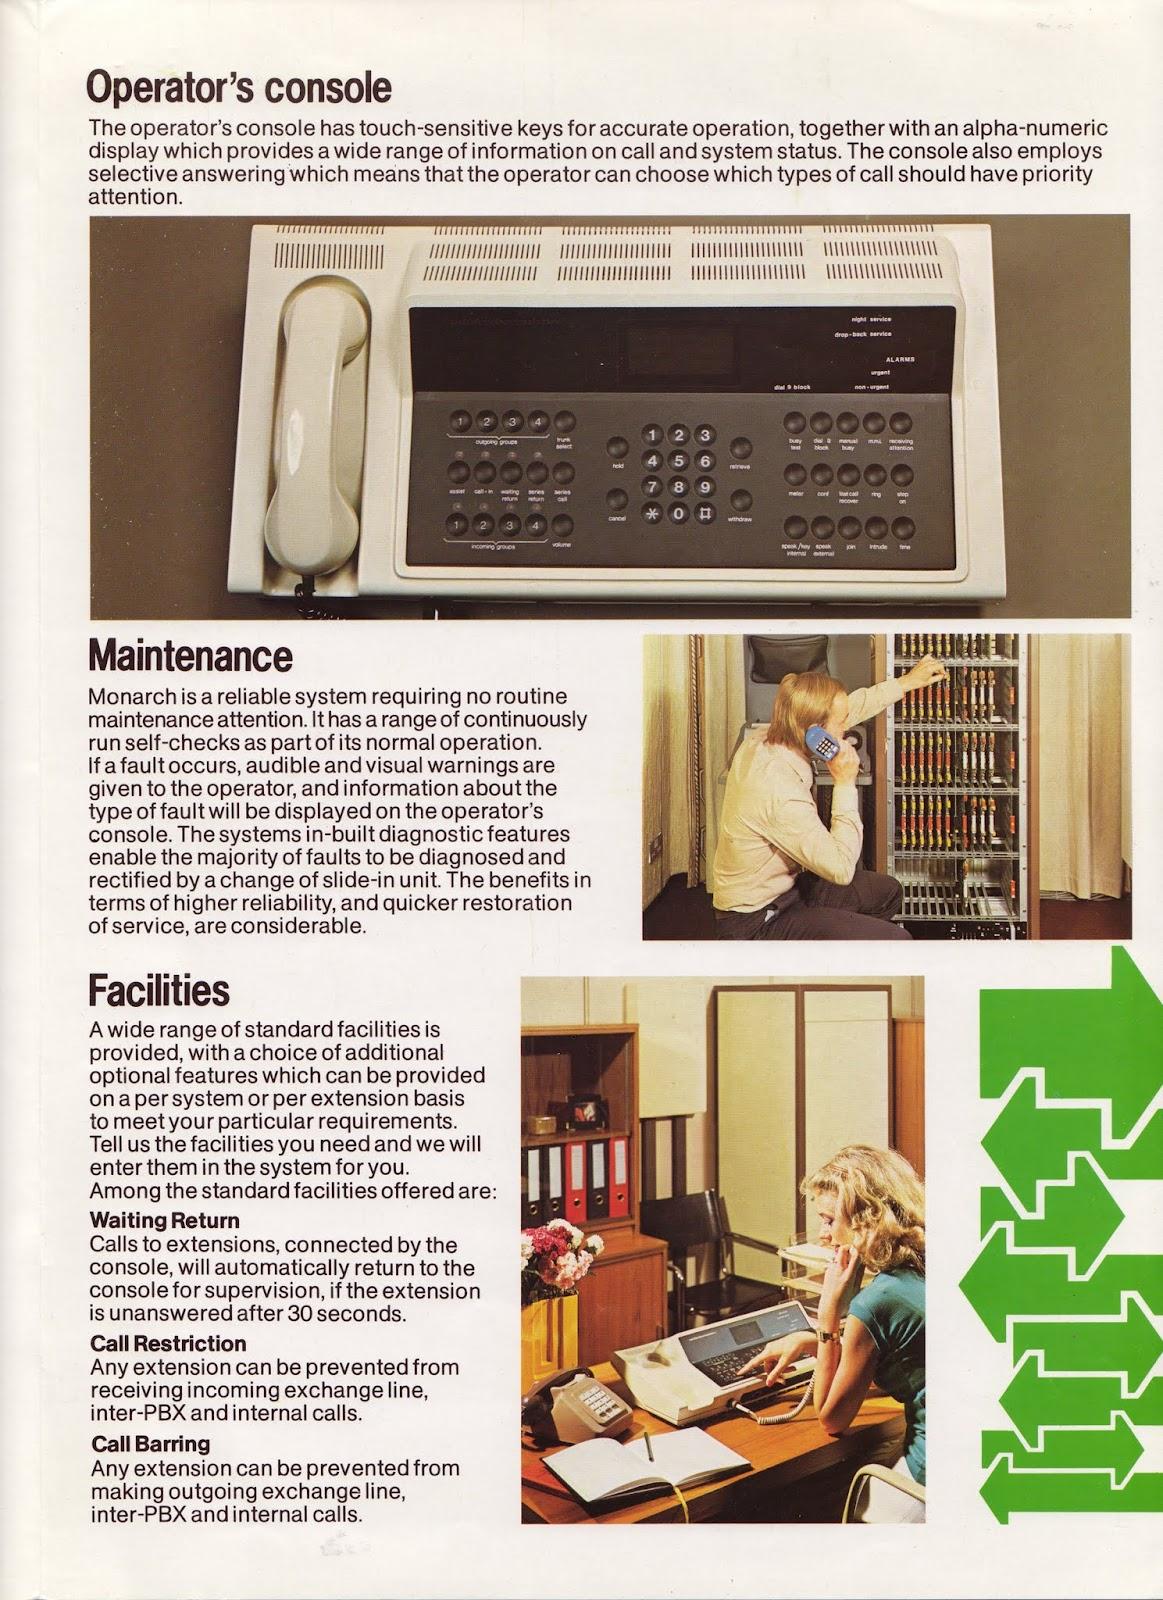 operators console